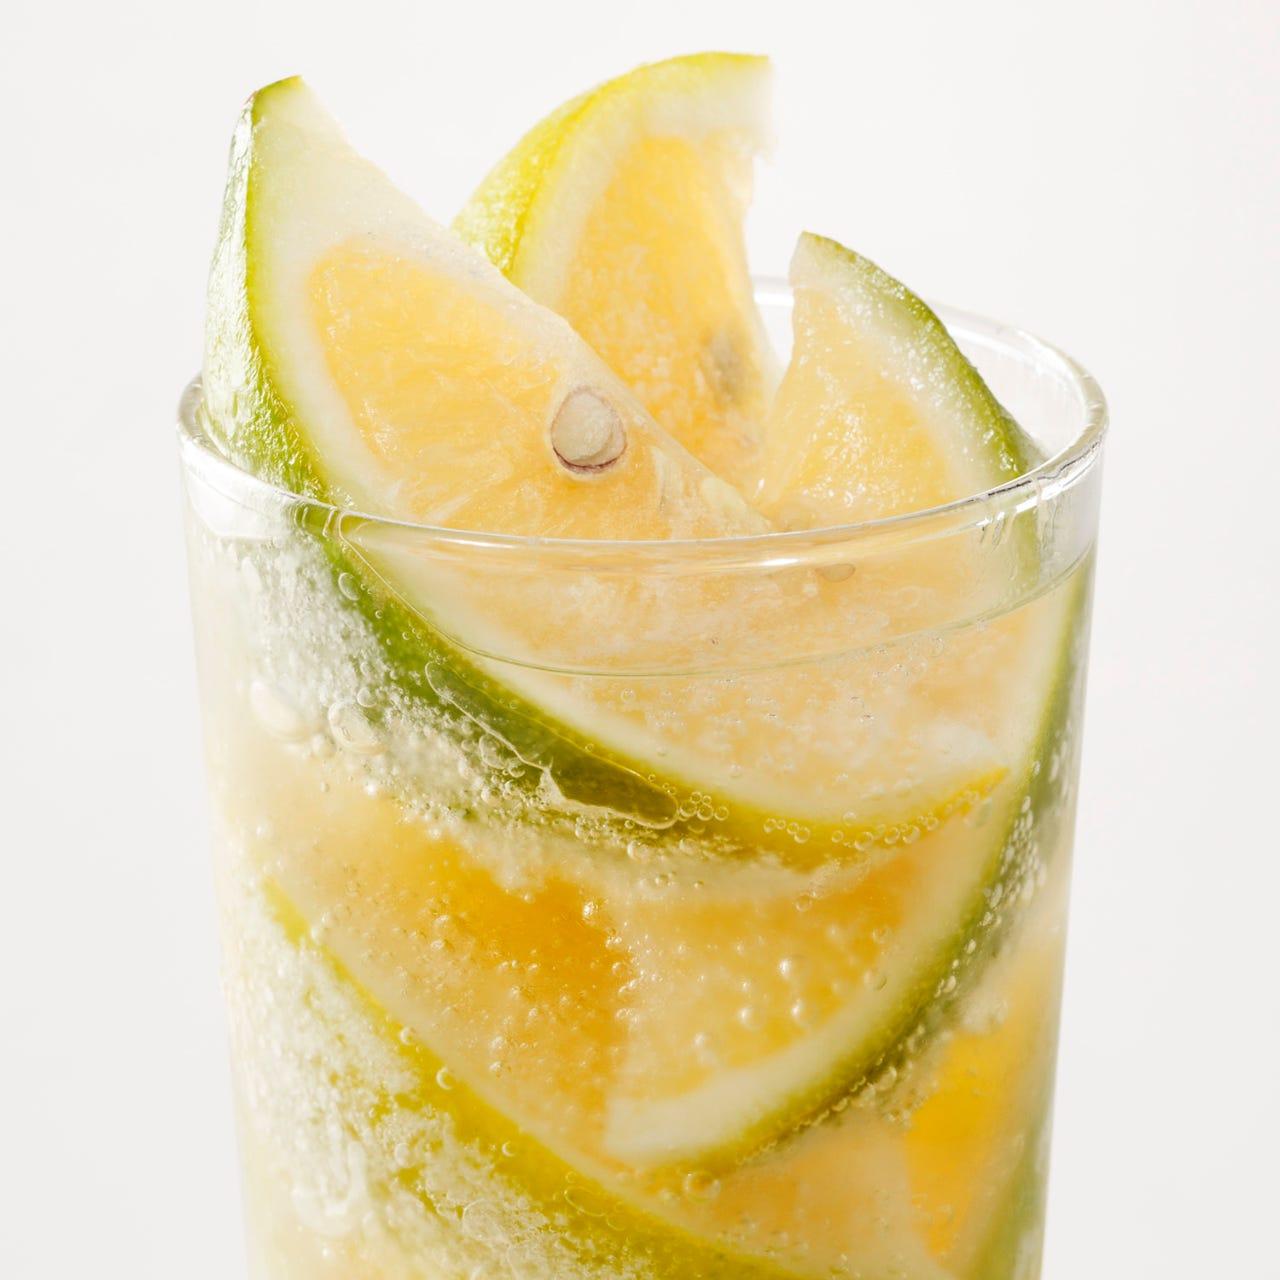 溶けてゆく程に酸味を感じられる「凍結日南レモンサワー」